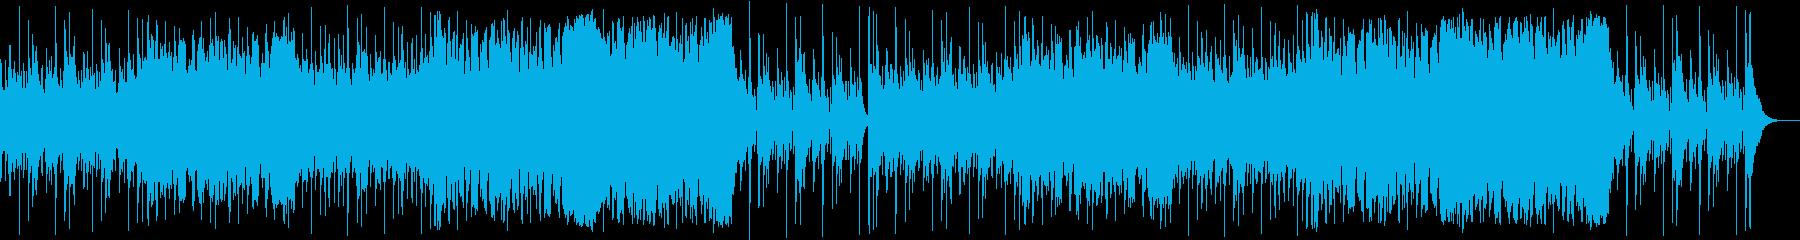 跳ねたリズムの和太鼓尺八バイオリンの再生済みの波形